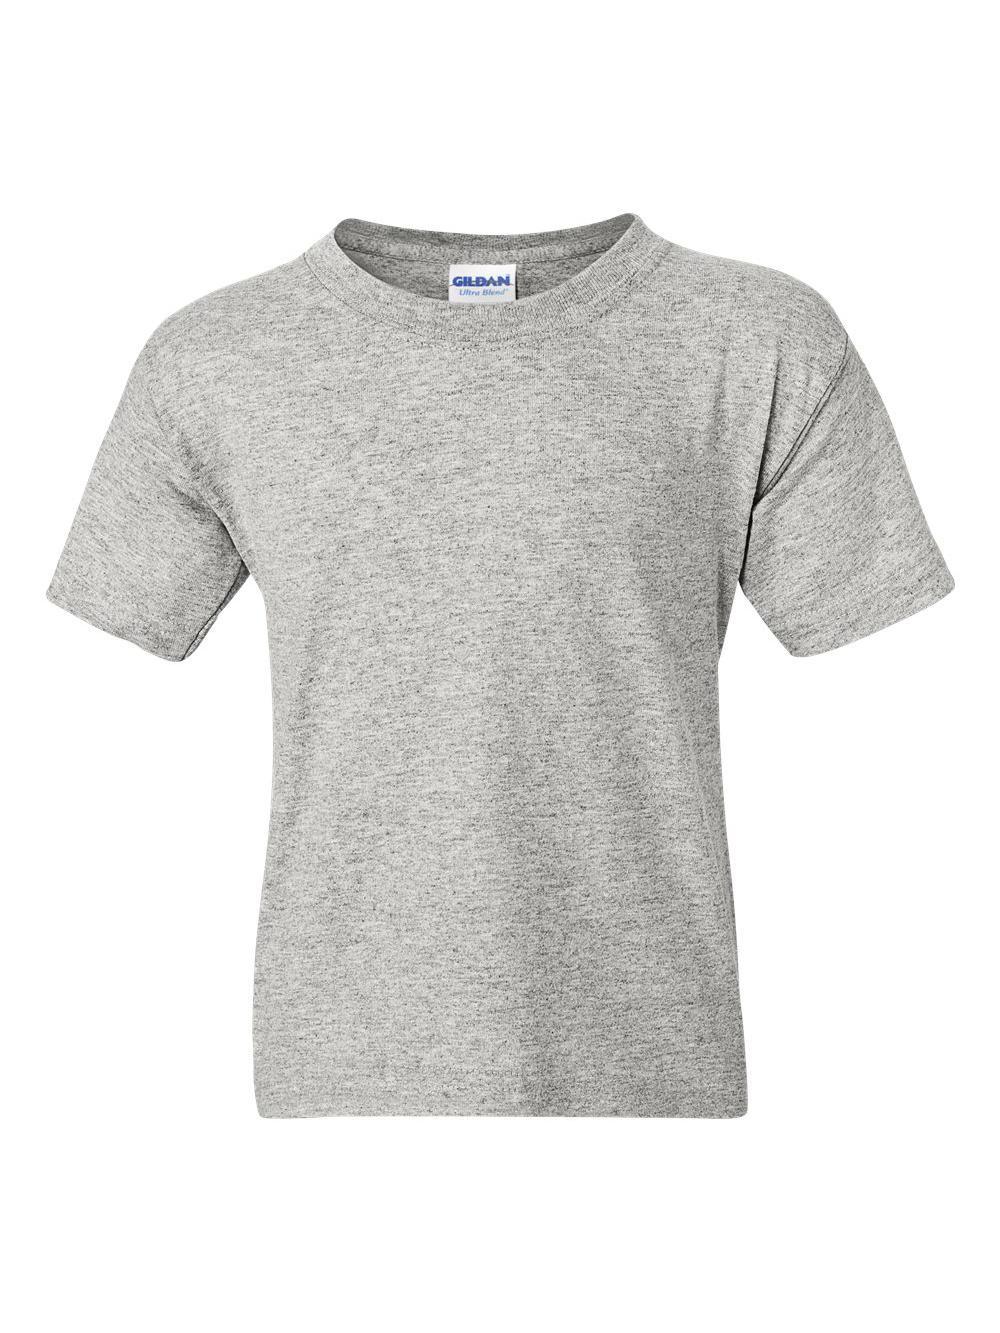 Gildan-DryBlend-Youth-50-50-T-Shirt-8000B thumbnail 3